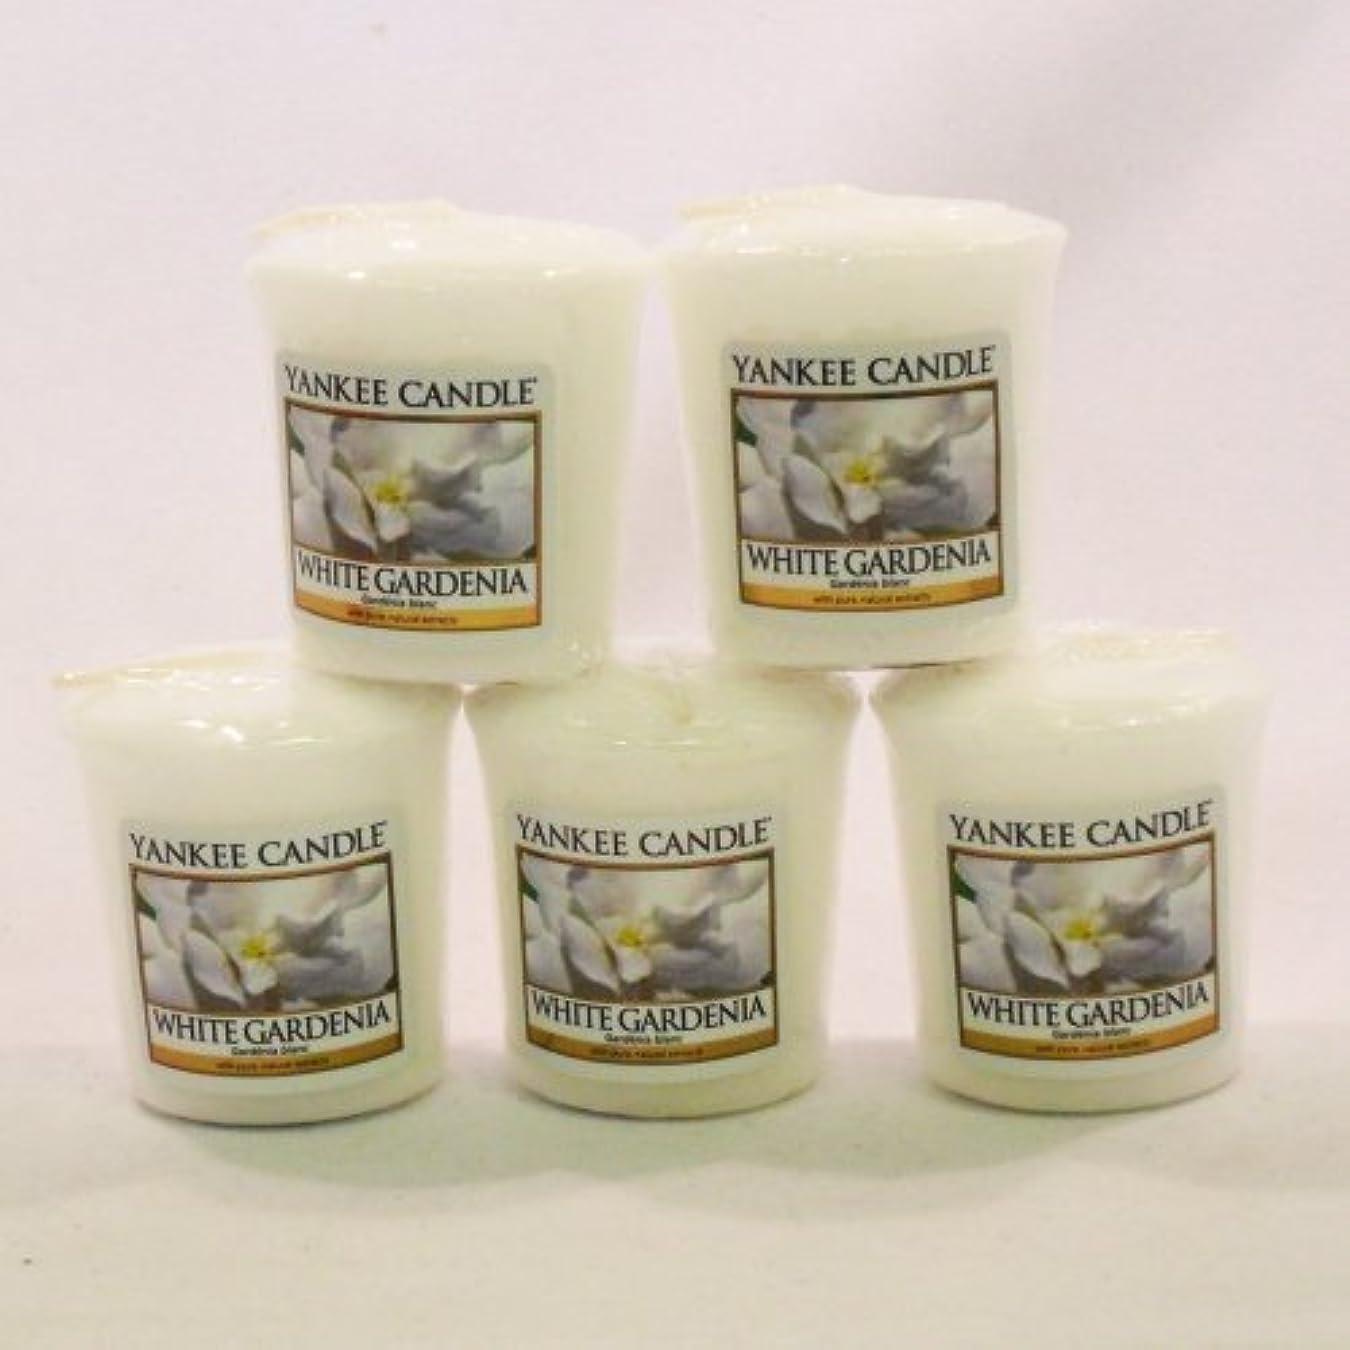 熟読踊り子外向きYankee Candleサンプラーvotives-yankee Candle – 5 xホワイトGardenia Votive Samplers – 新しい香りfor 2012 。